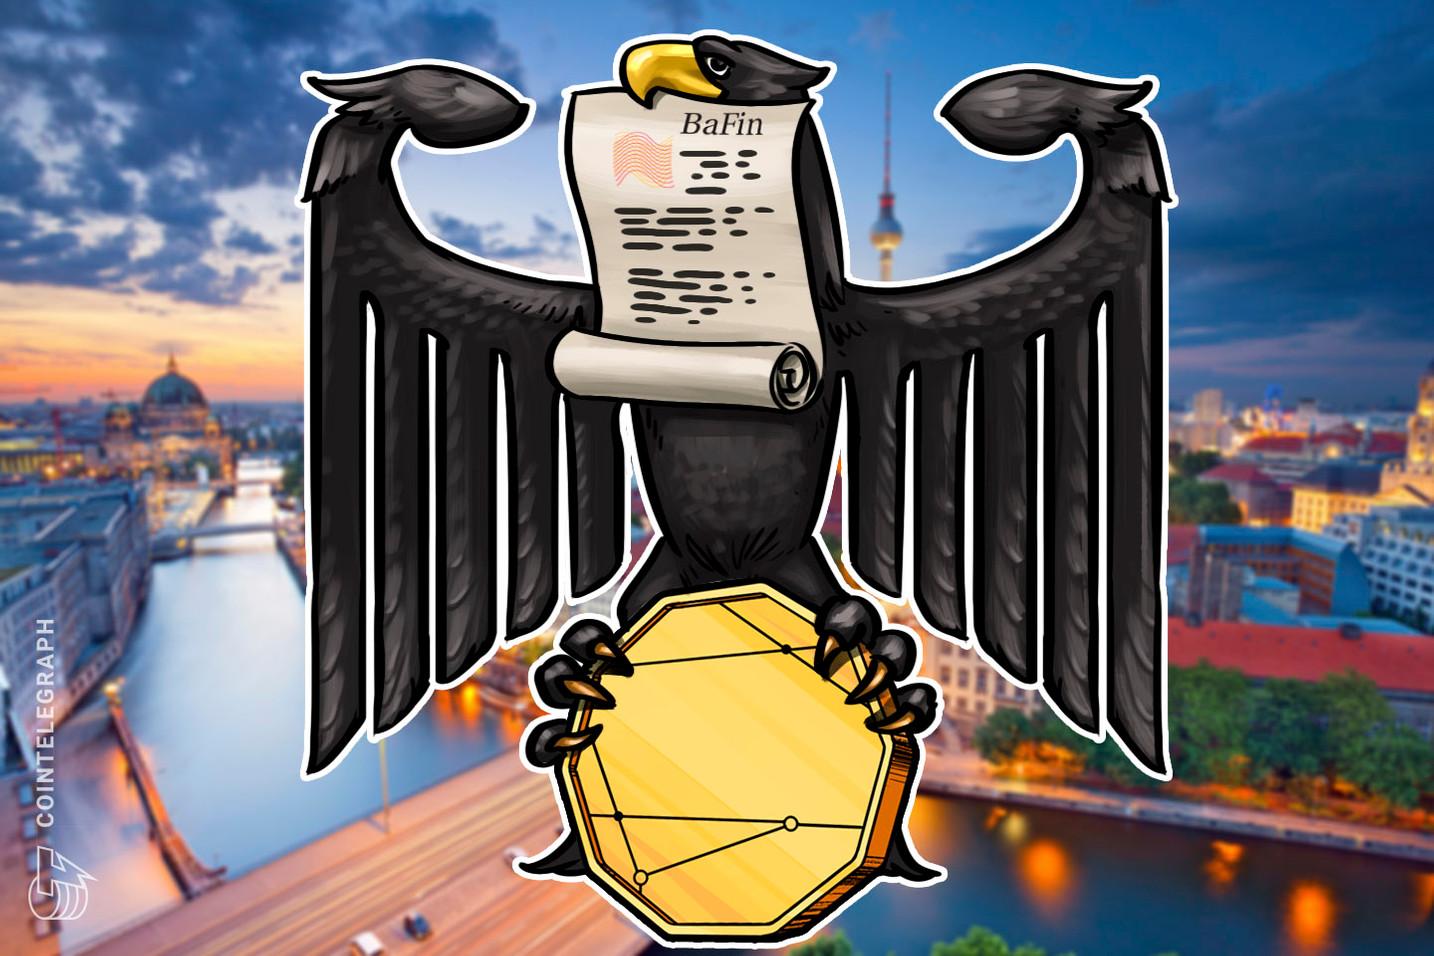 BaFin vergibt Lizenz für Blockchain-Finanzdienstleistungen an STO-Plattform